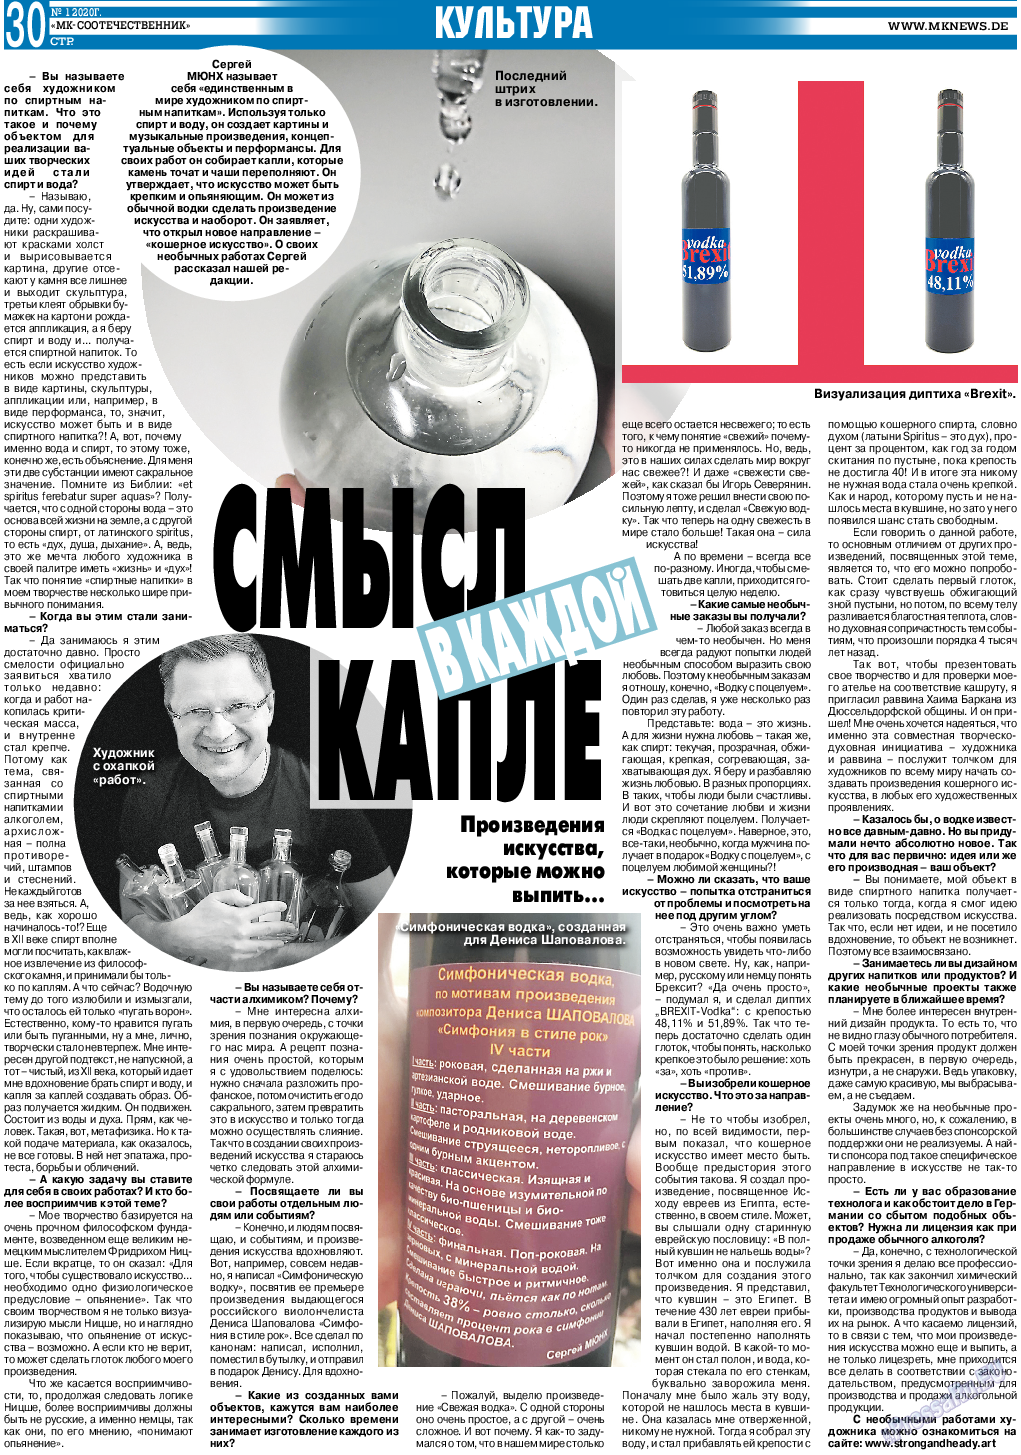 Соотечественник- МК (газета). 2020 год, номер 1, стр. 30